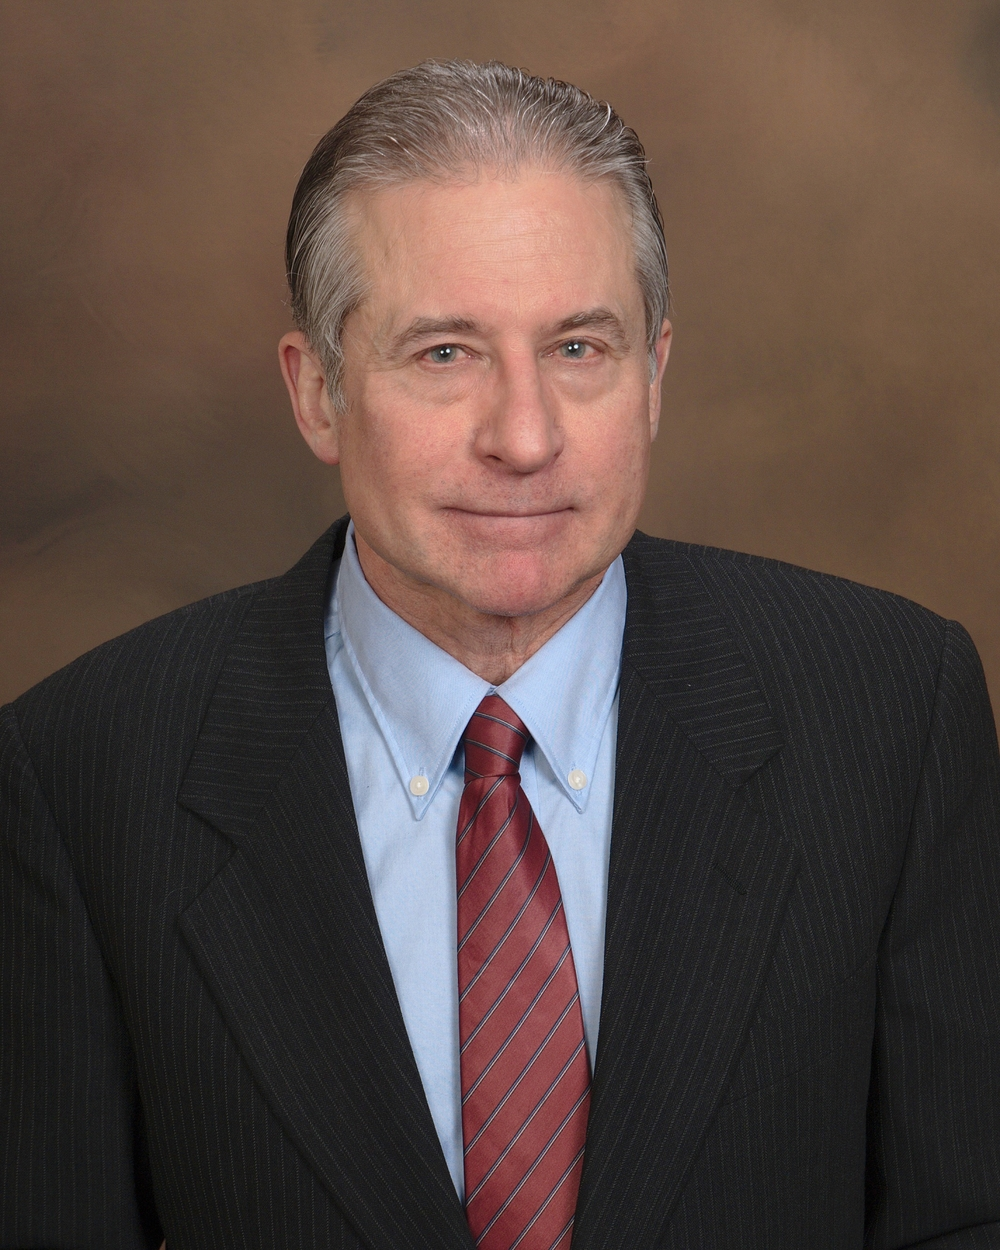 Mr. Bruce Bawkon, P.E.